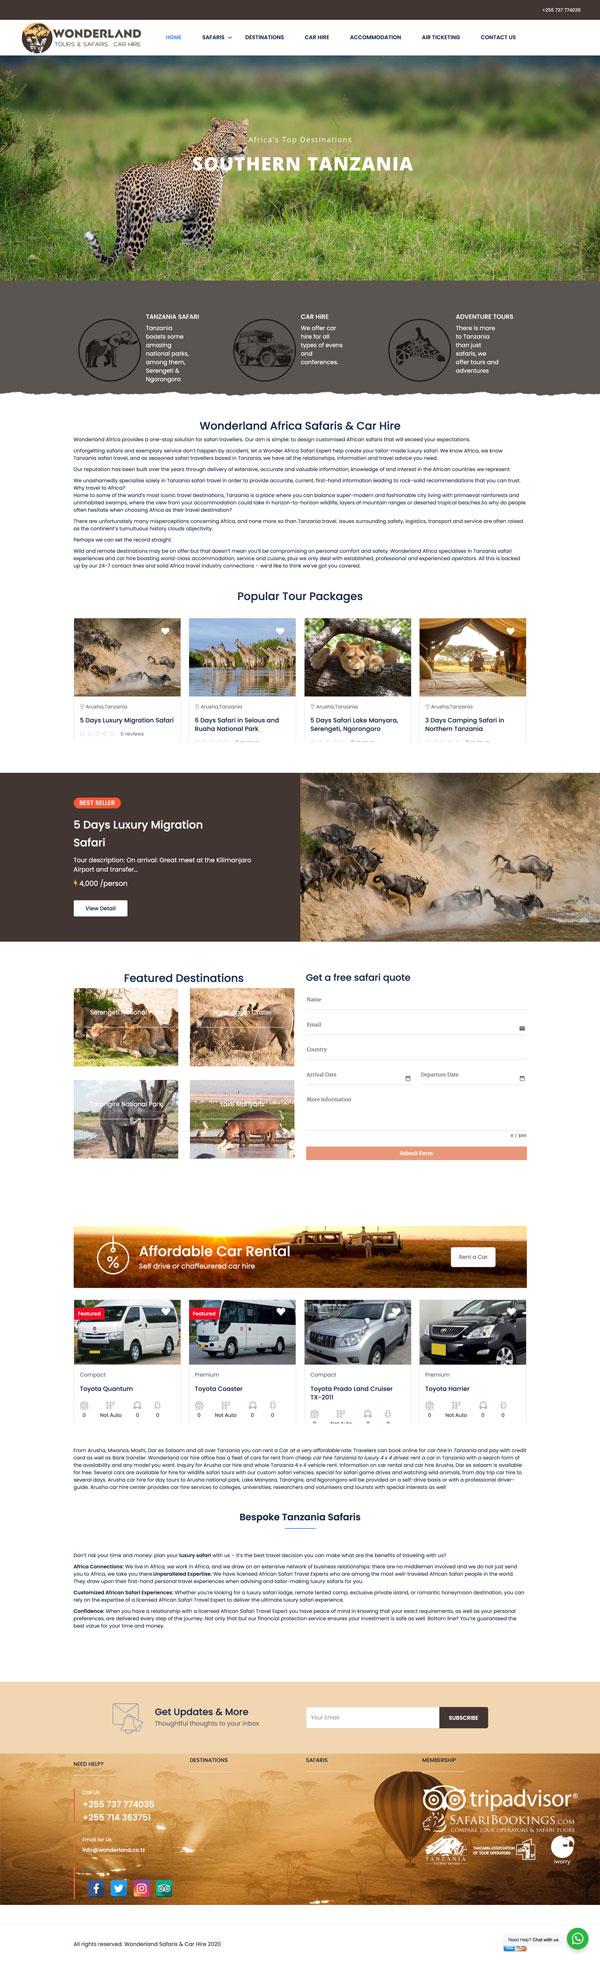 Wonderland Africa website